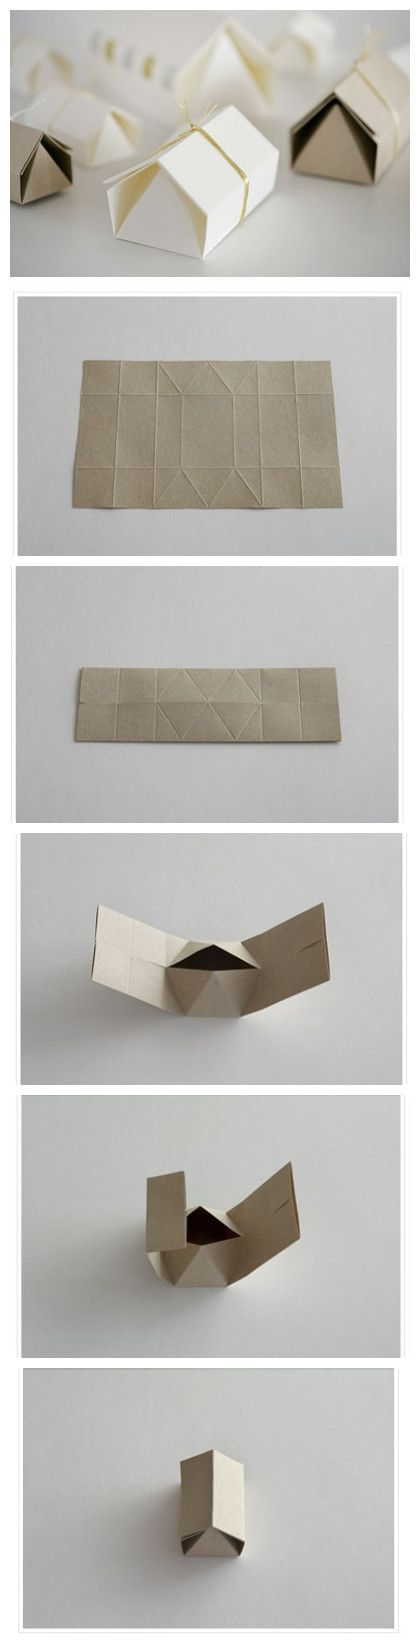 little house...little box...little present!